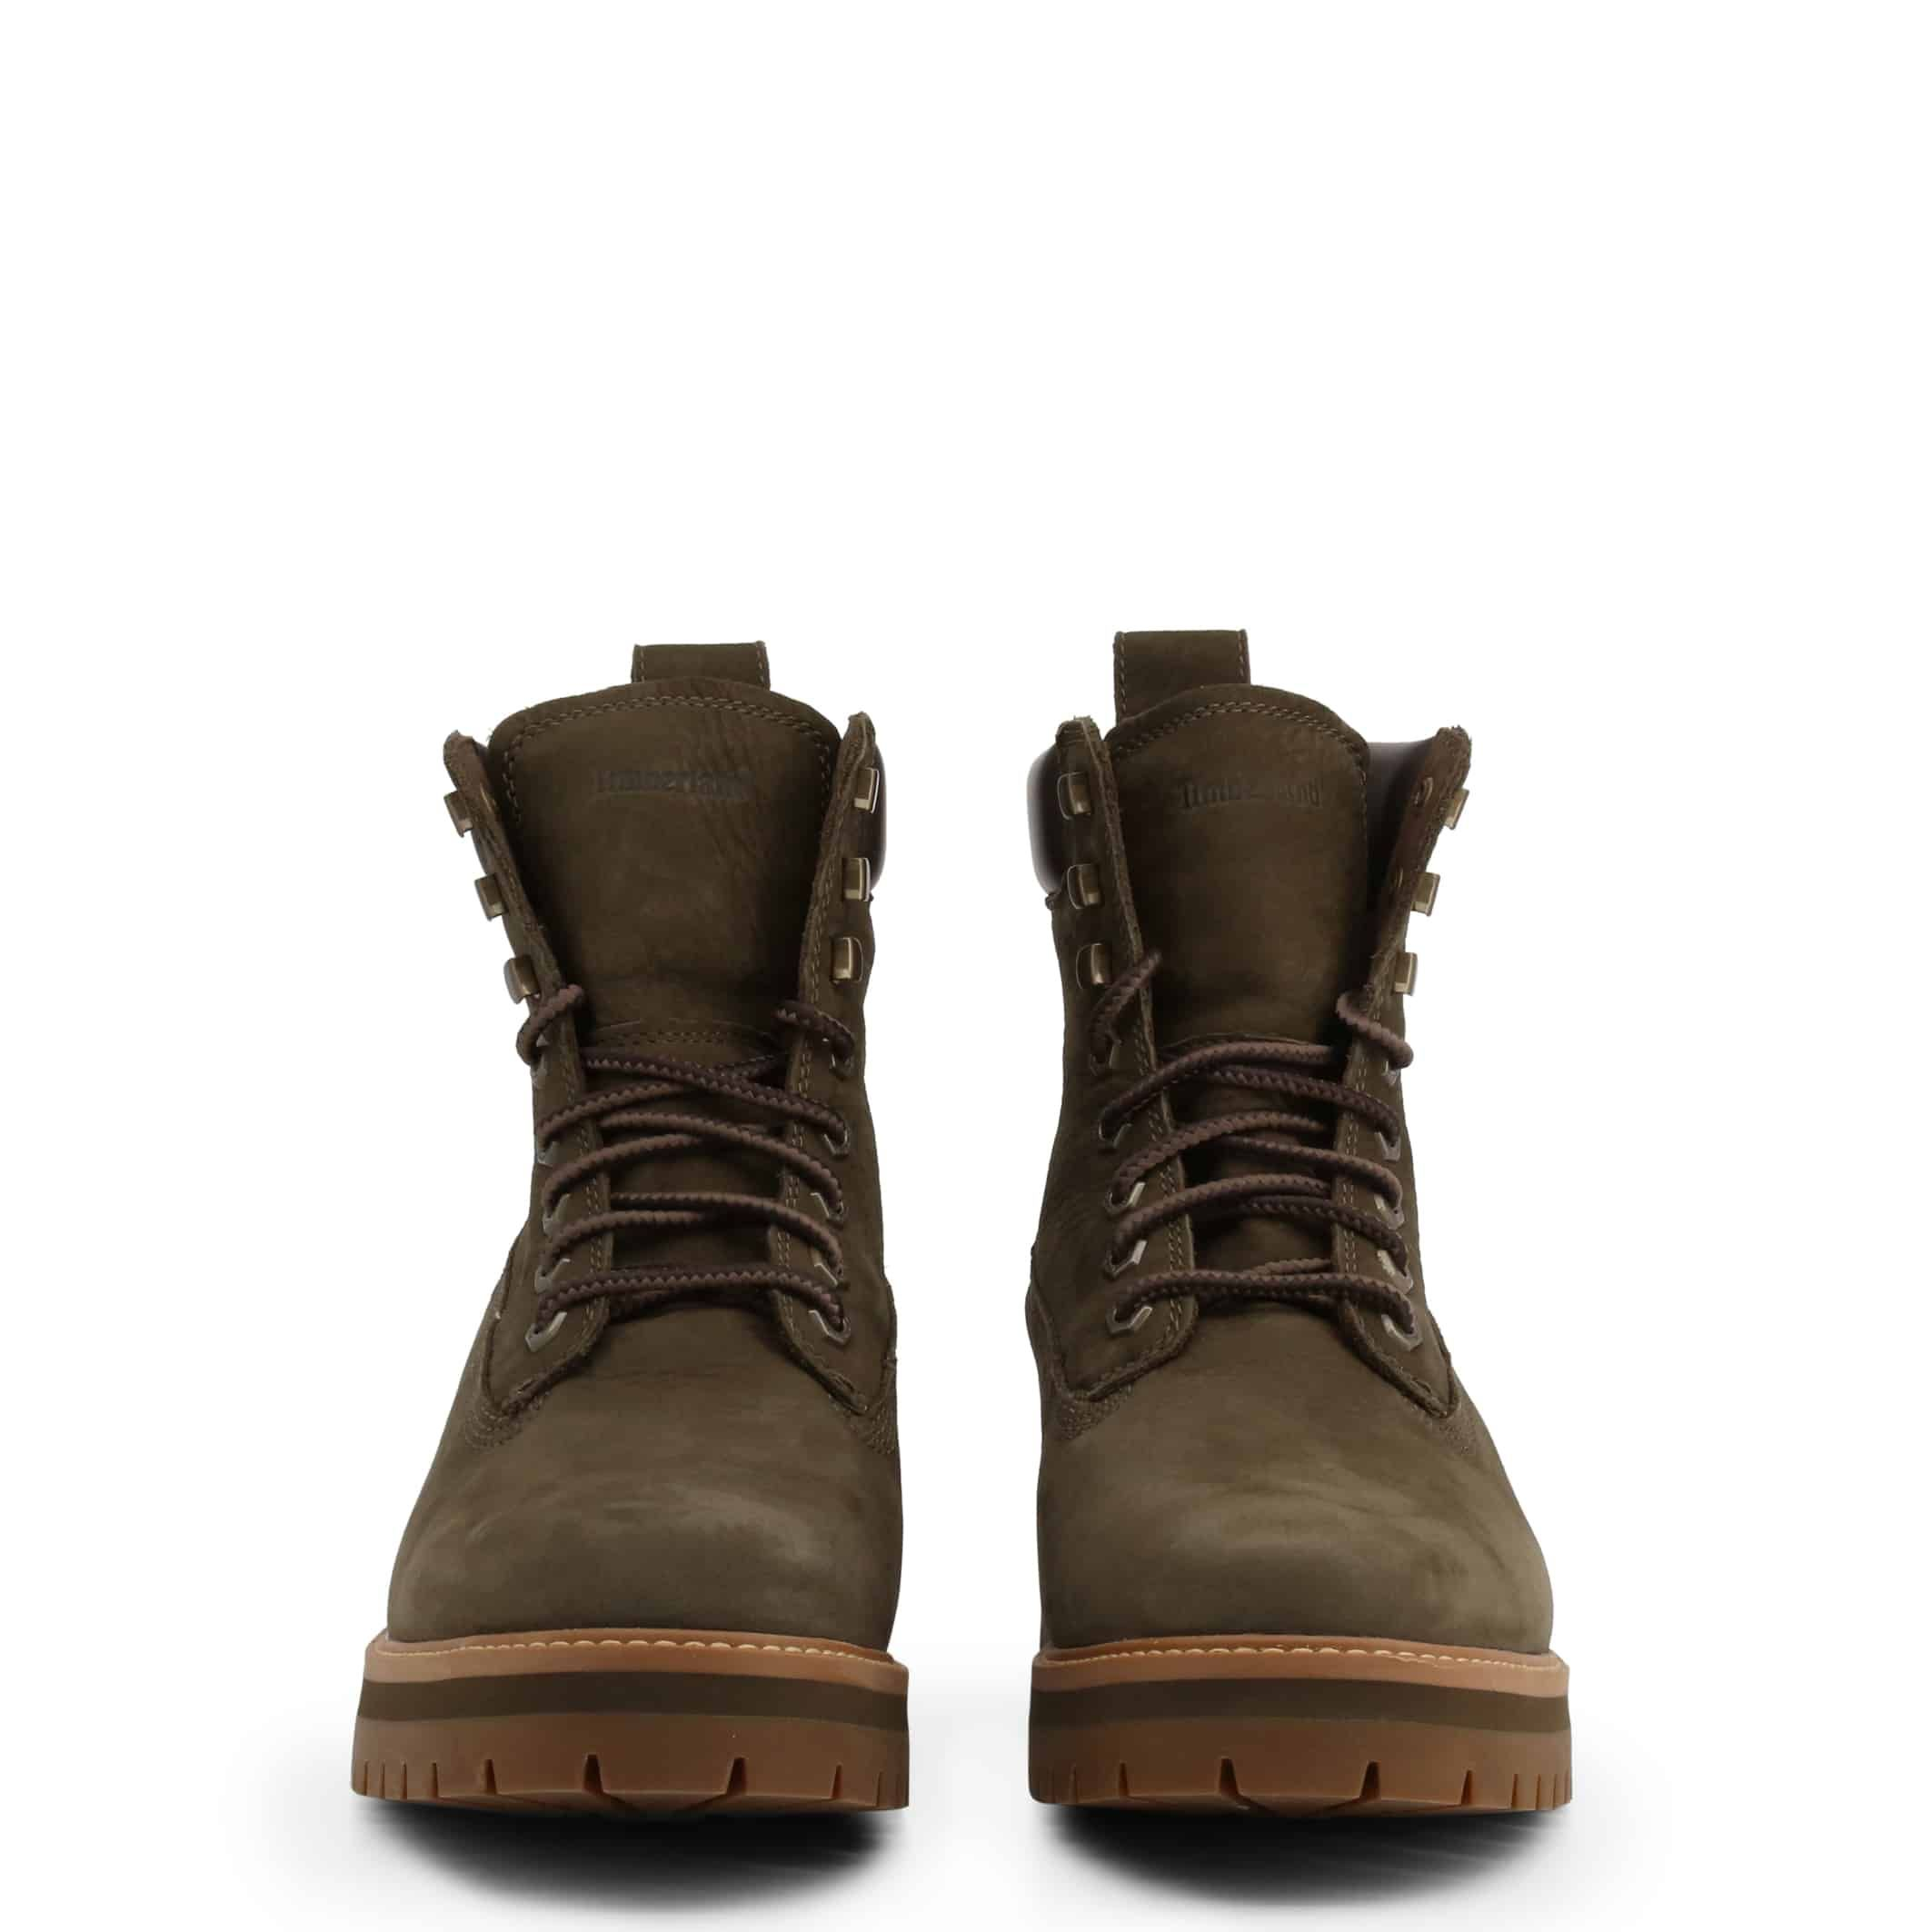 Schuhe Timberland – CURMA-GUY – Grün